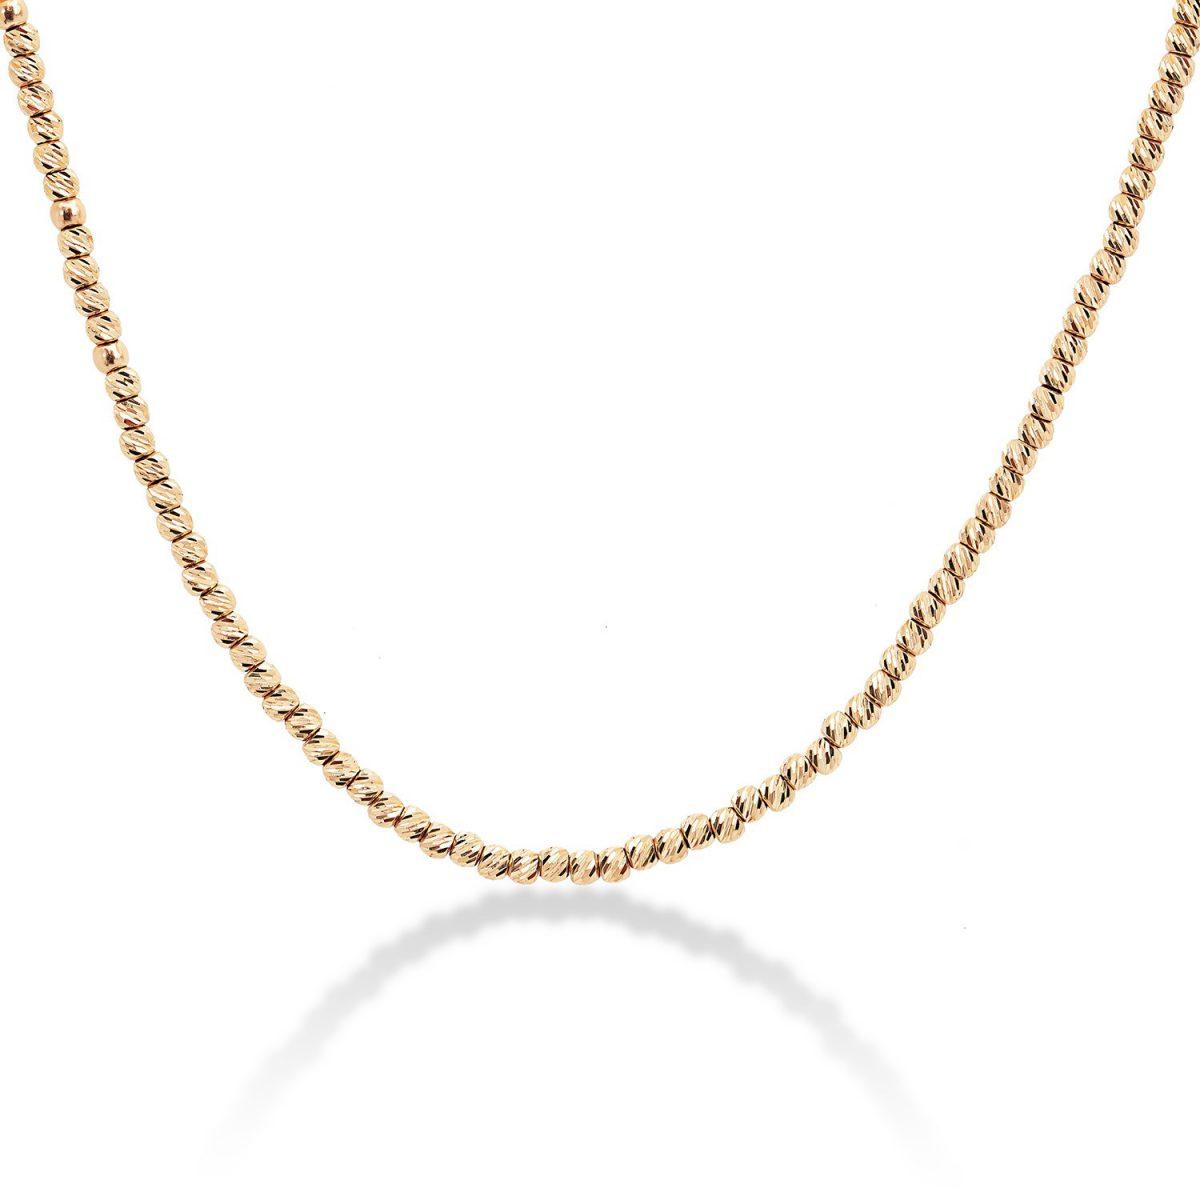 שרשרת זהב כדורים בחיתוך לייזר - אדווה זהב אדום